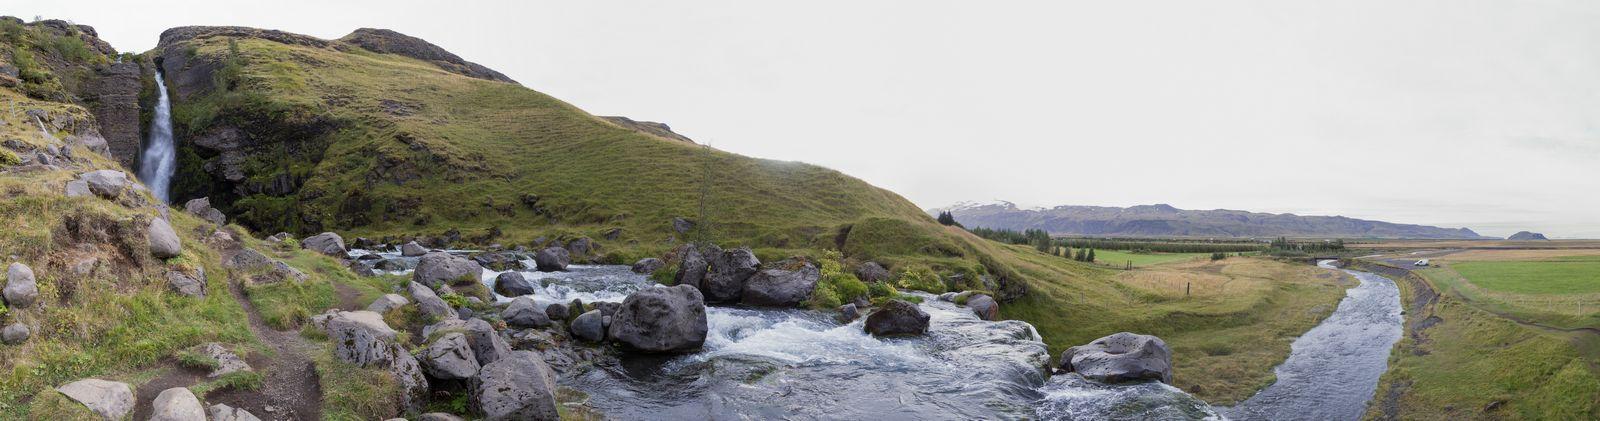 El río sigue tras la catarata